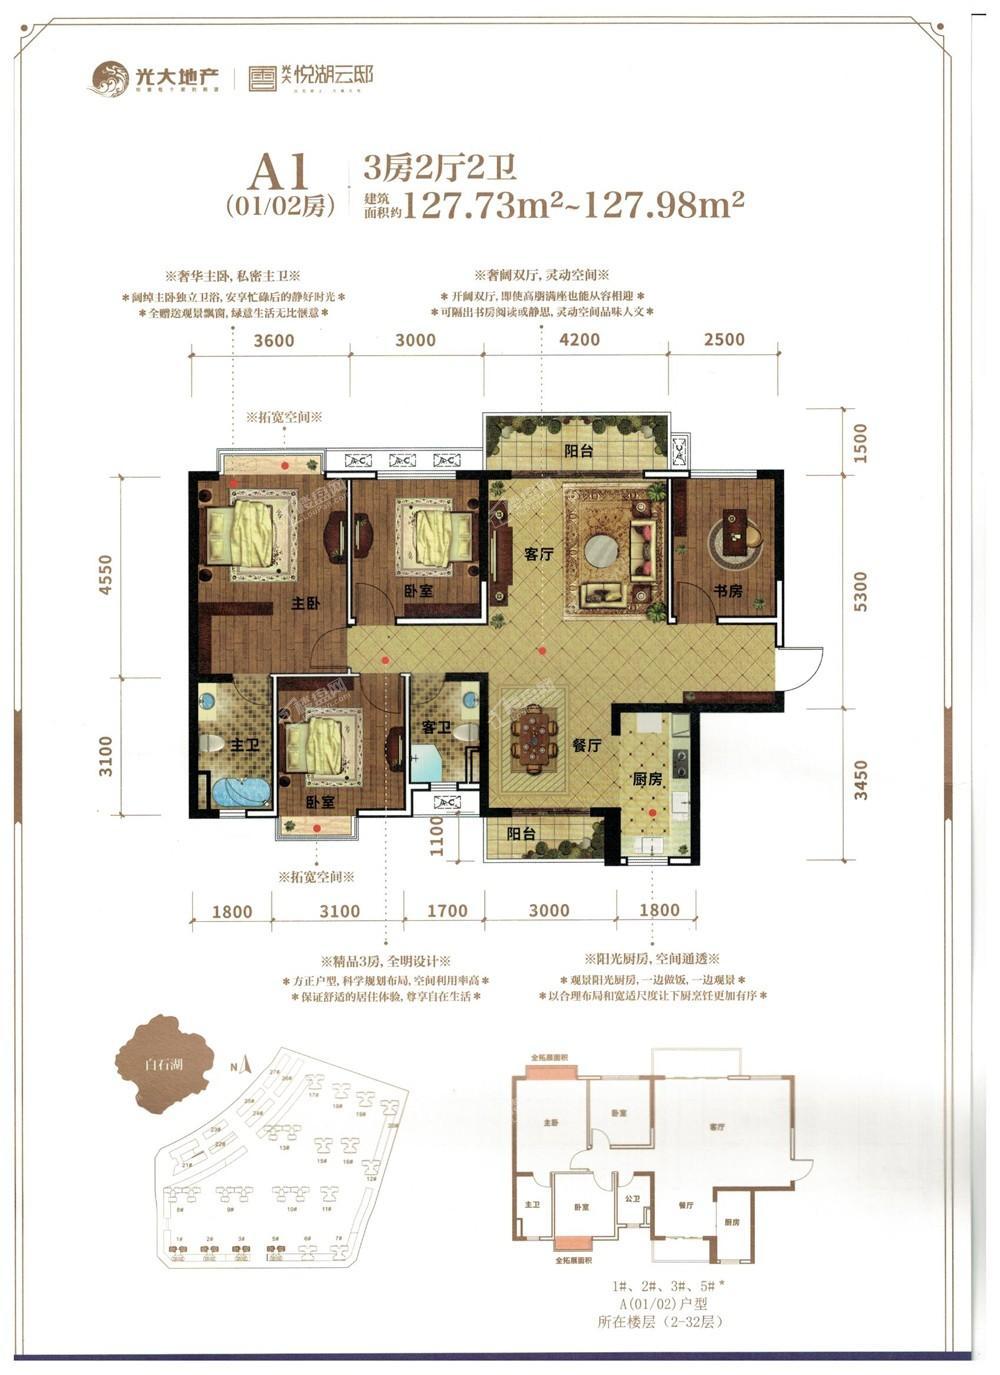 A1户型01、02房-三房两厅两卫-127.73㎡-127.98㎡